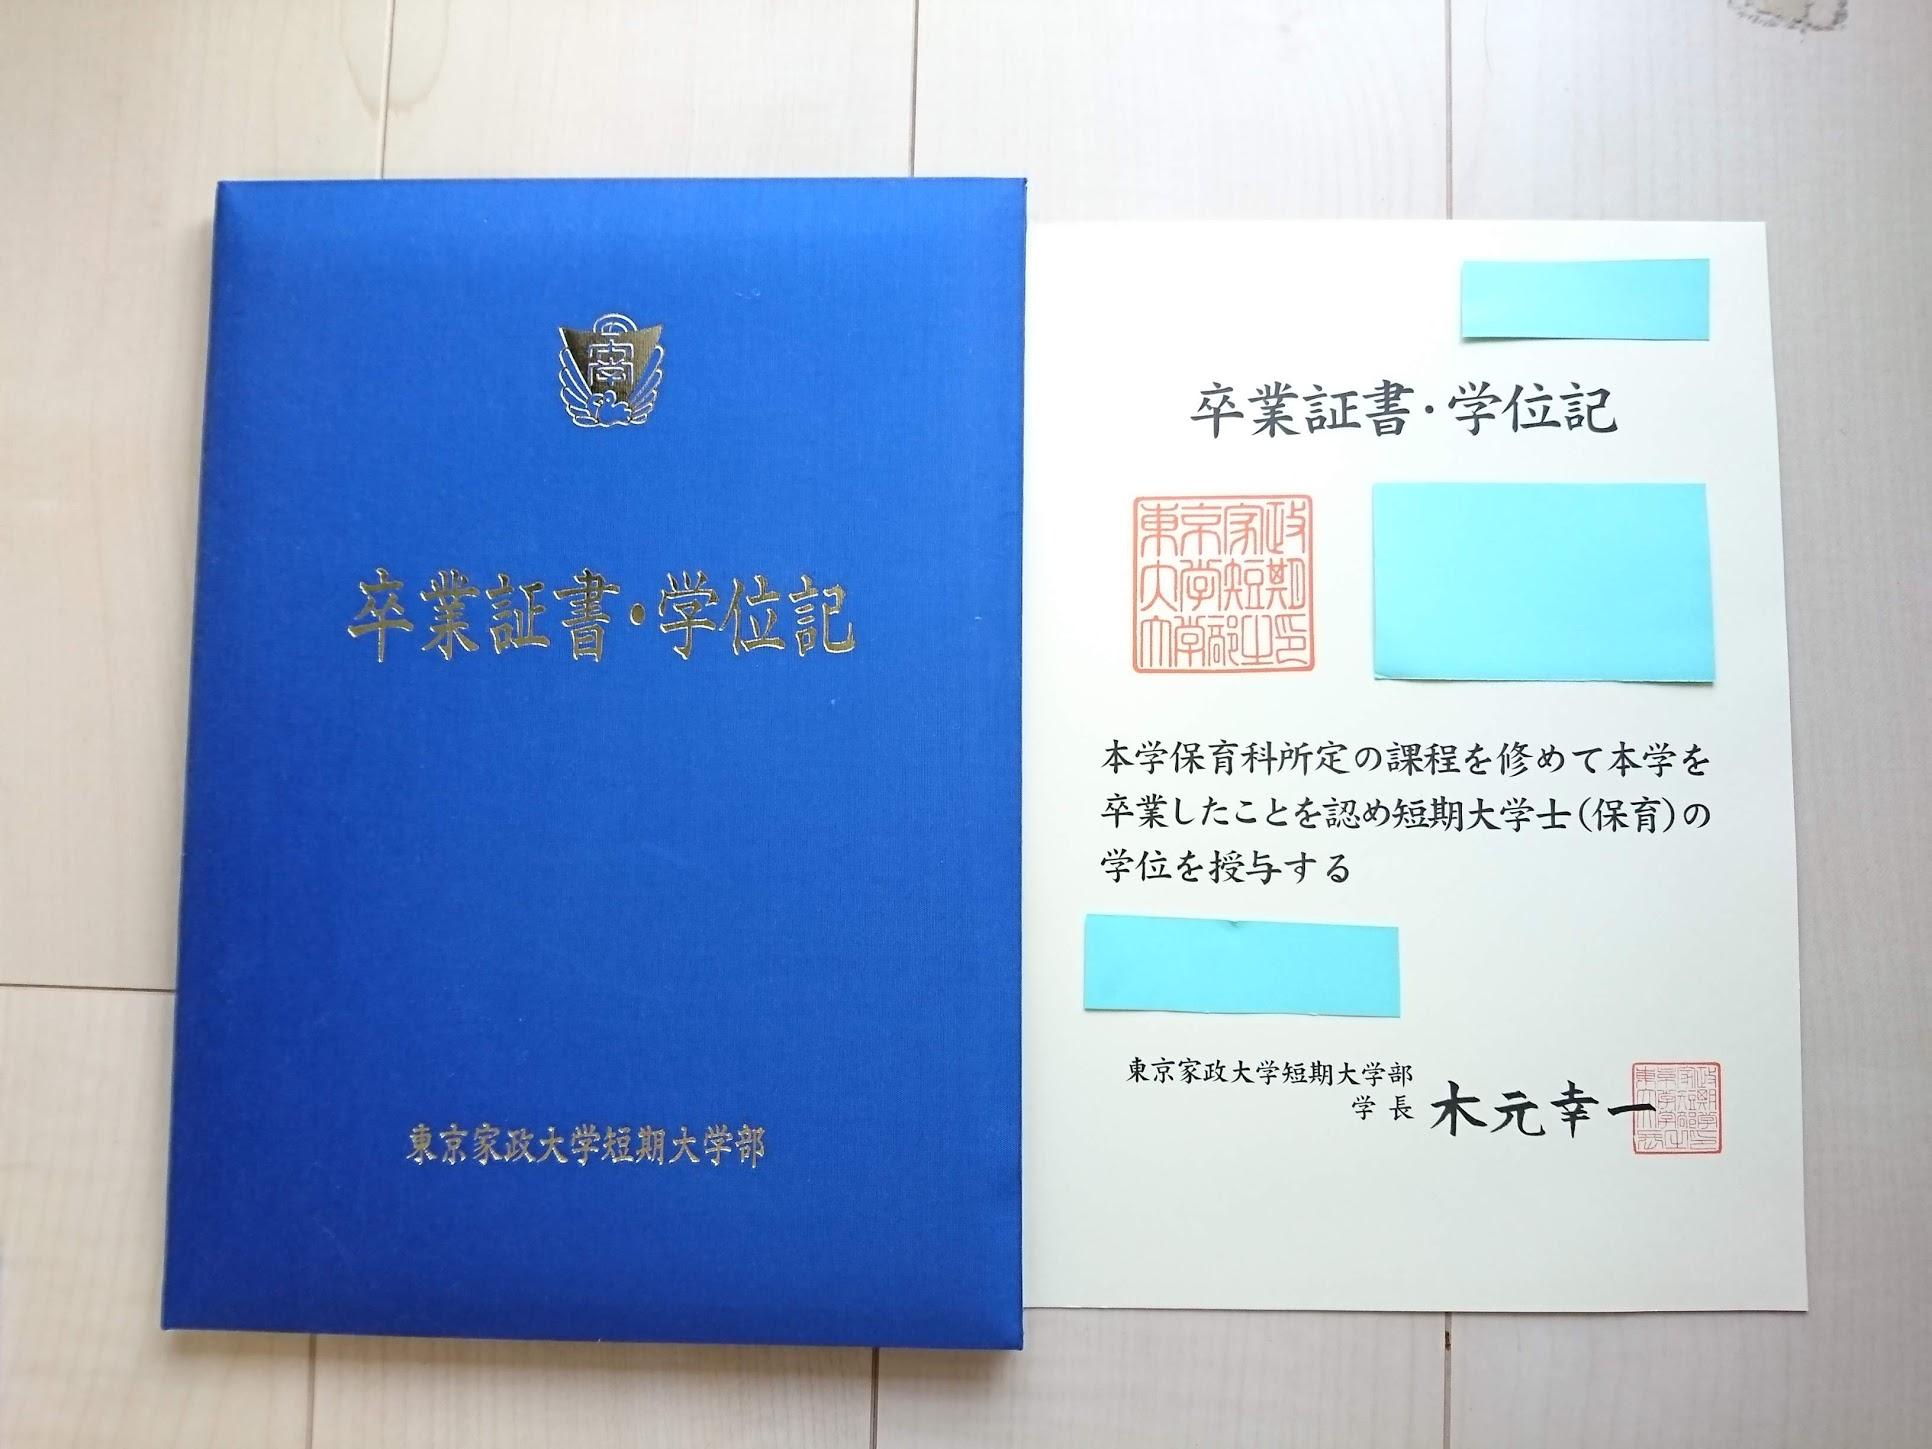 東京短期大学部 卒業